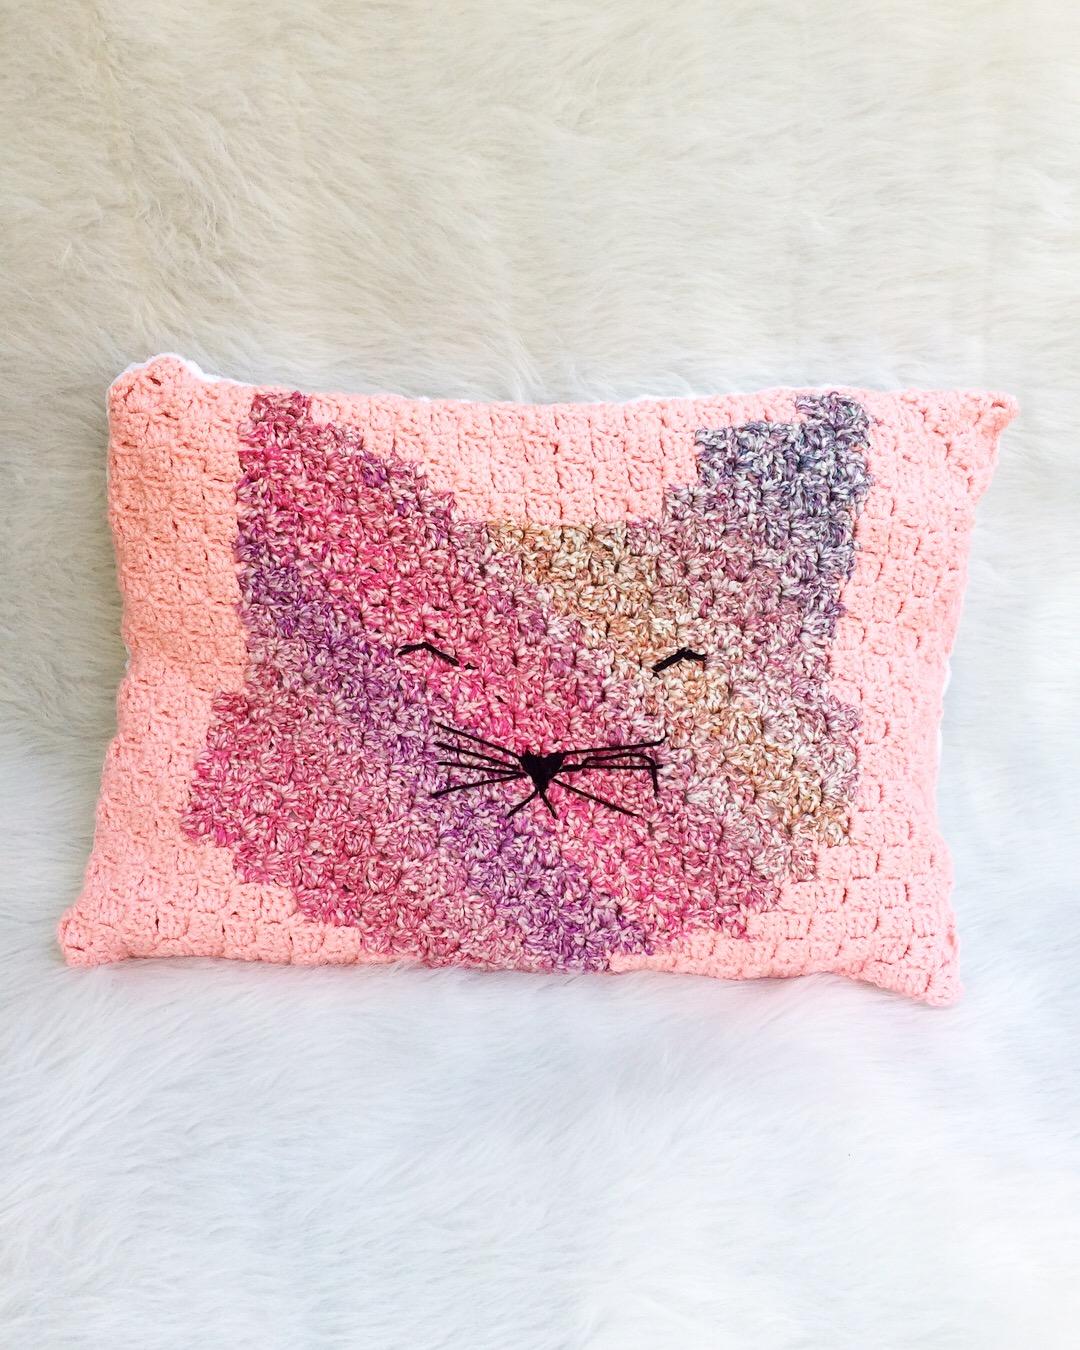 Crochet Crazy - CROCHET CAT PILLOW PATTERN! Get the... | Facebook | 1350x1080